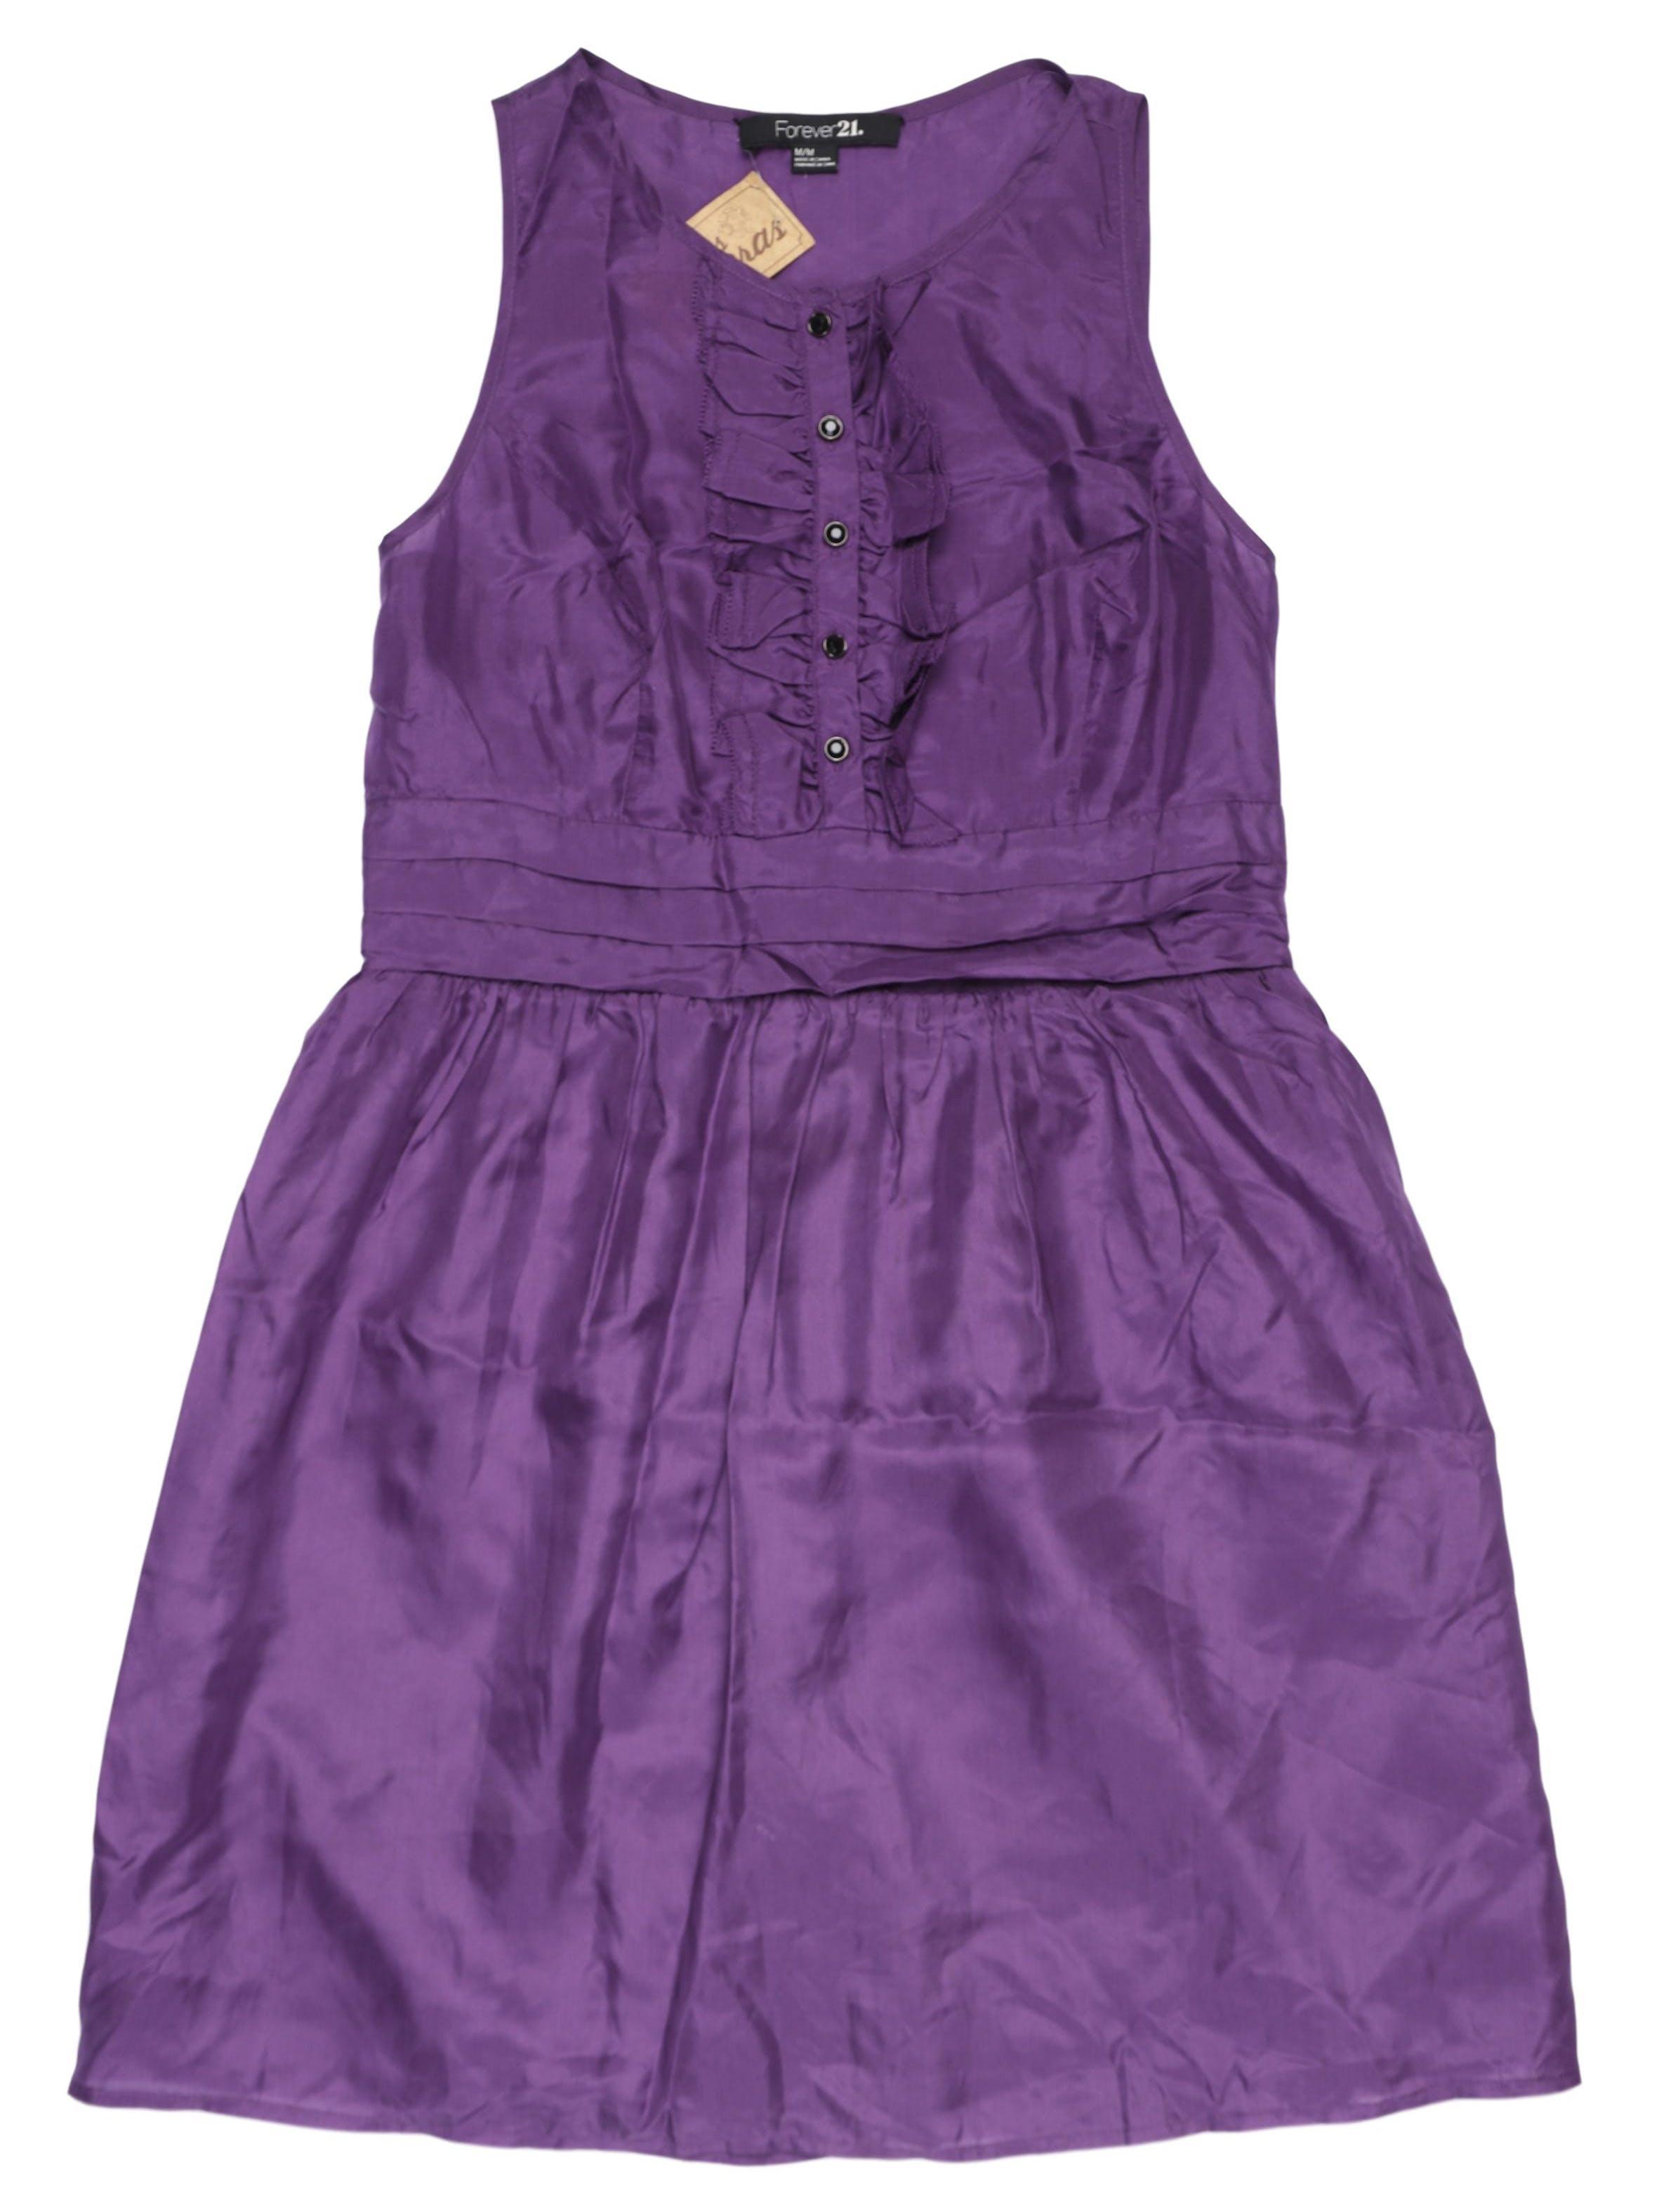 Vestido Forever21 morado 100% seda, pliegues en la cintura, forro en falda y cierre lateral. Busto 100 cm, cintura  cm, largo 85 cm.